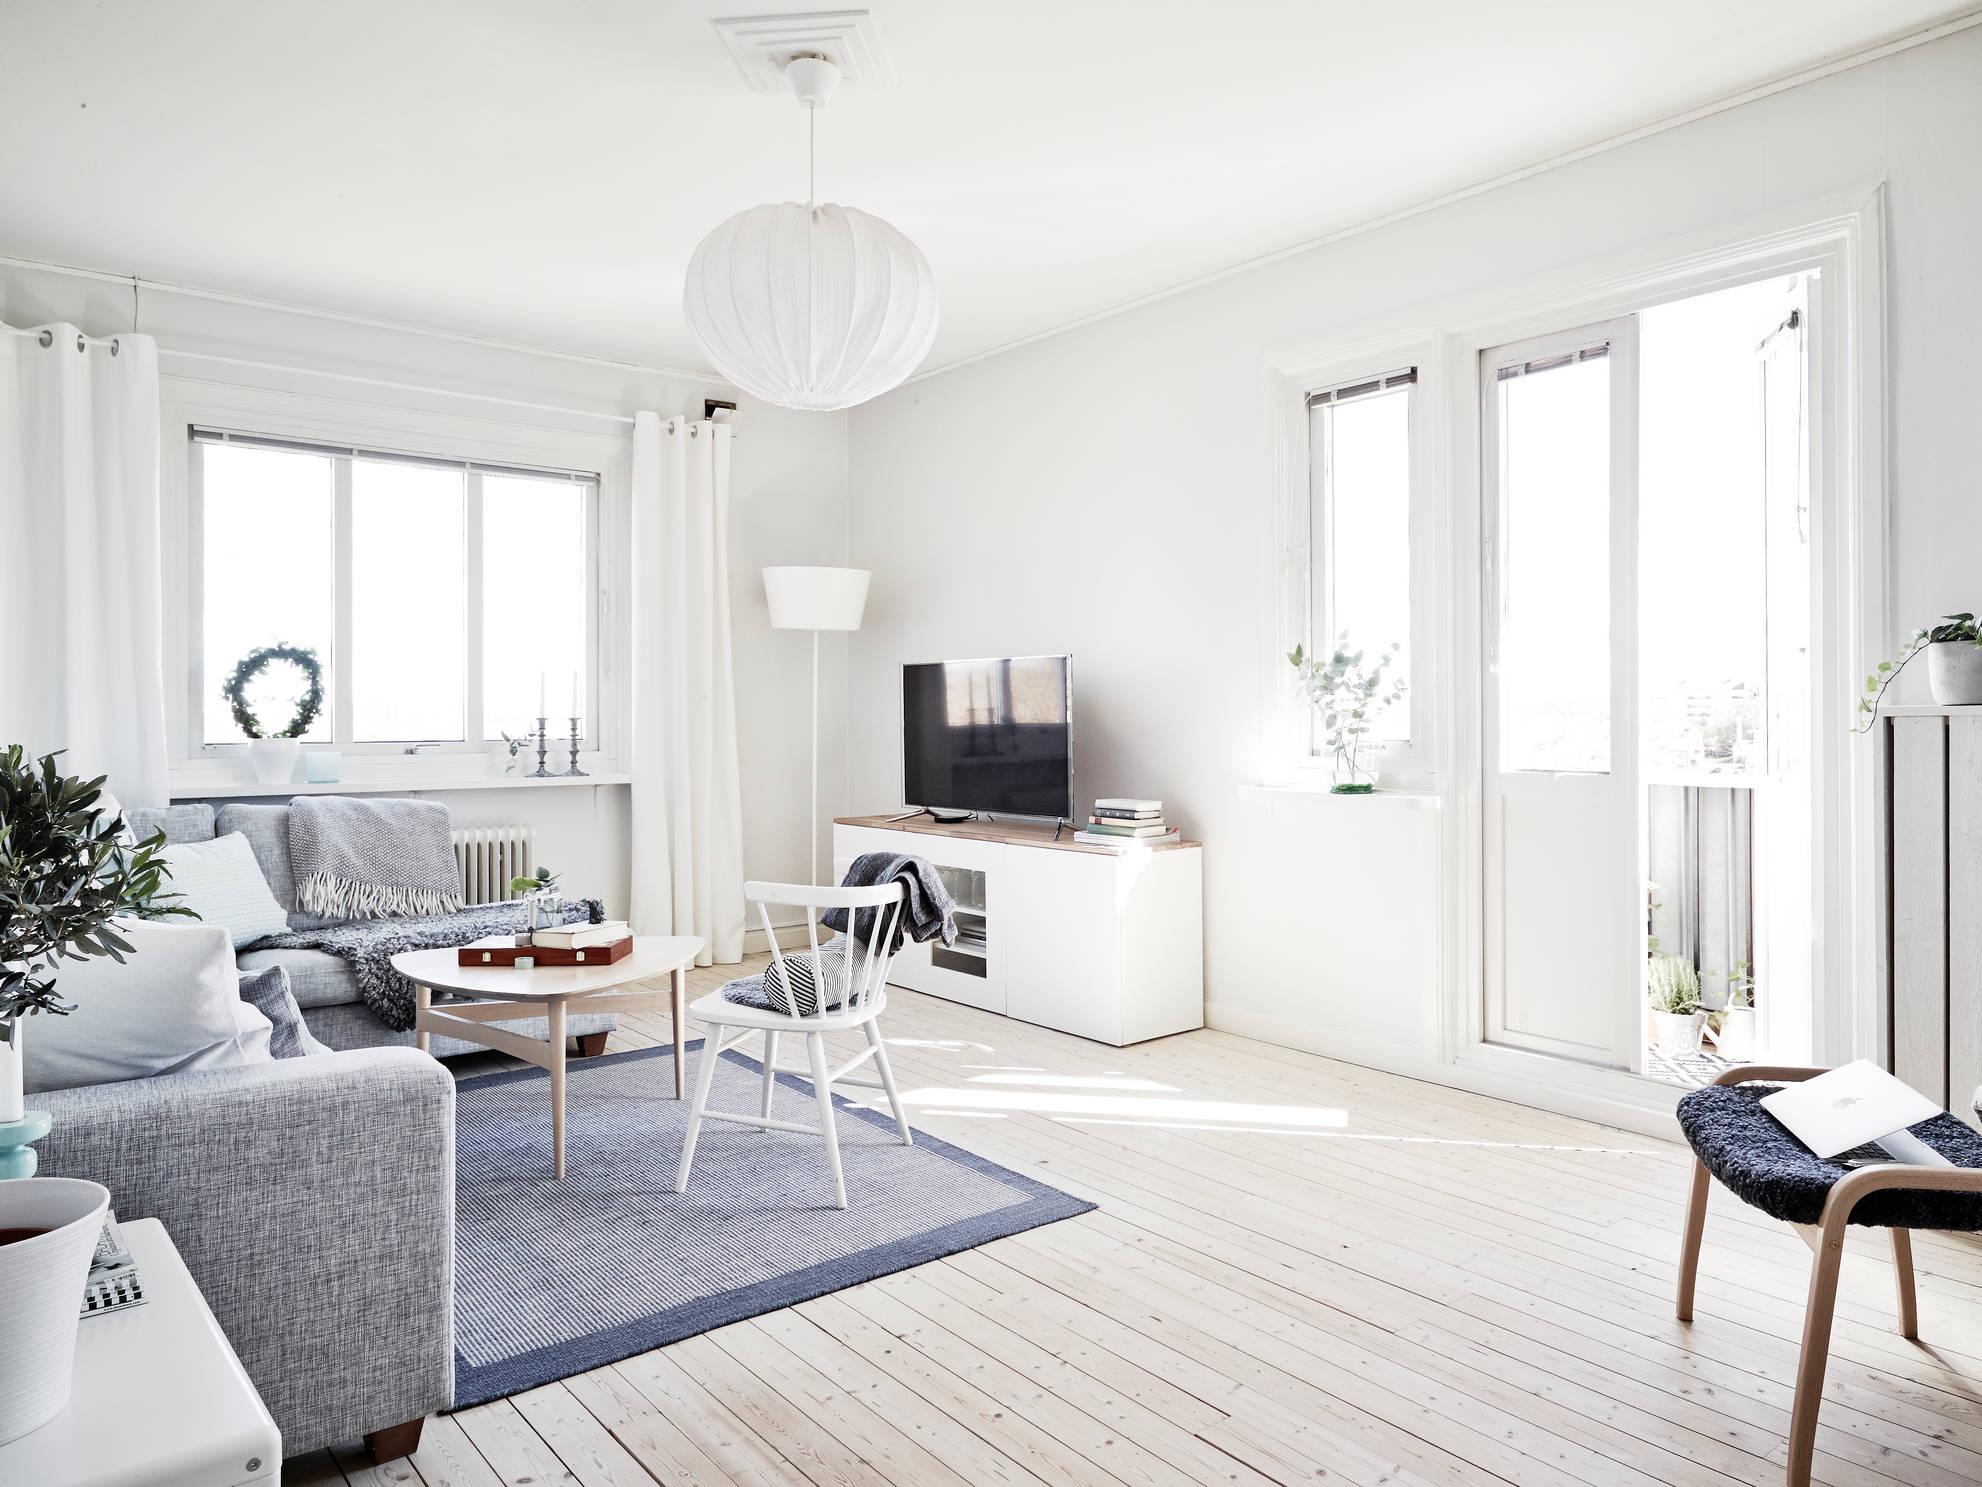 Un piso blanco y gris lleno de luz blog tienda for Decoracion piso en blanco